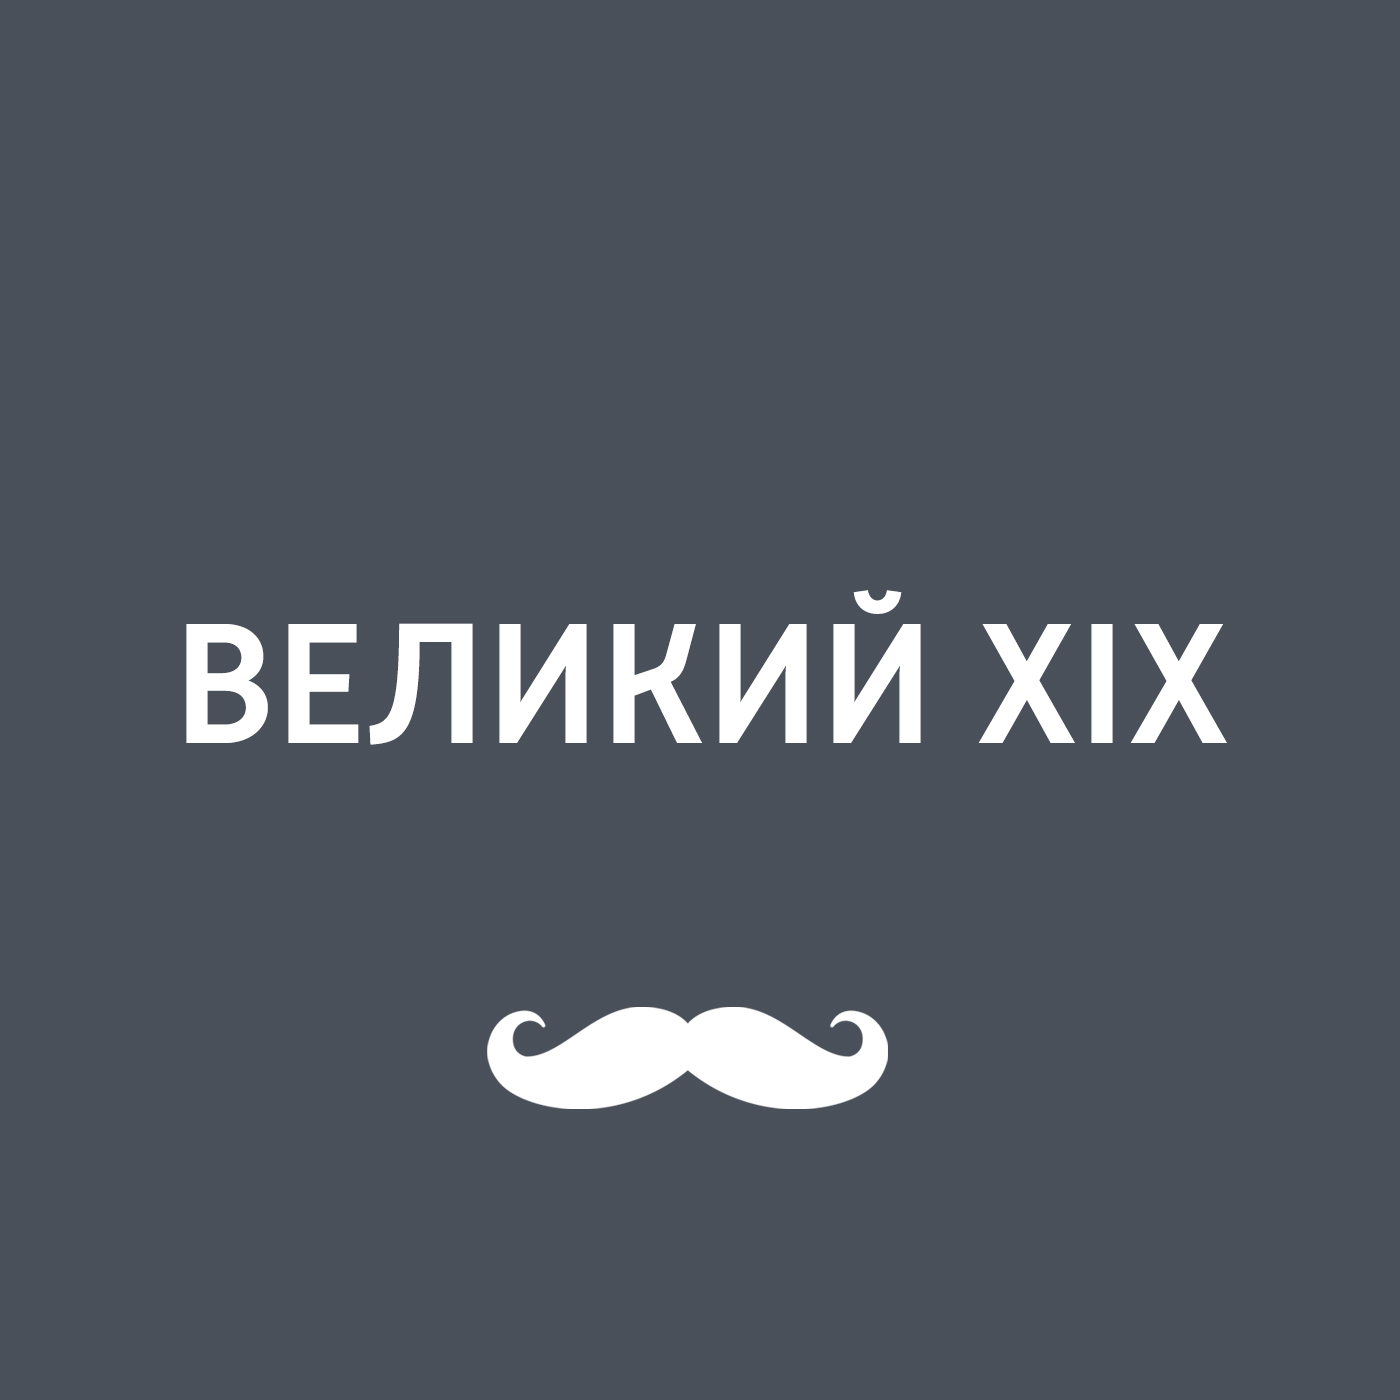 Российский театр XIX века. История становления, трансформаций и триумфа